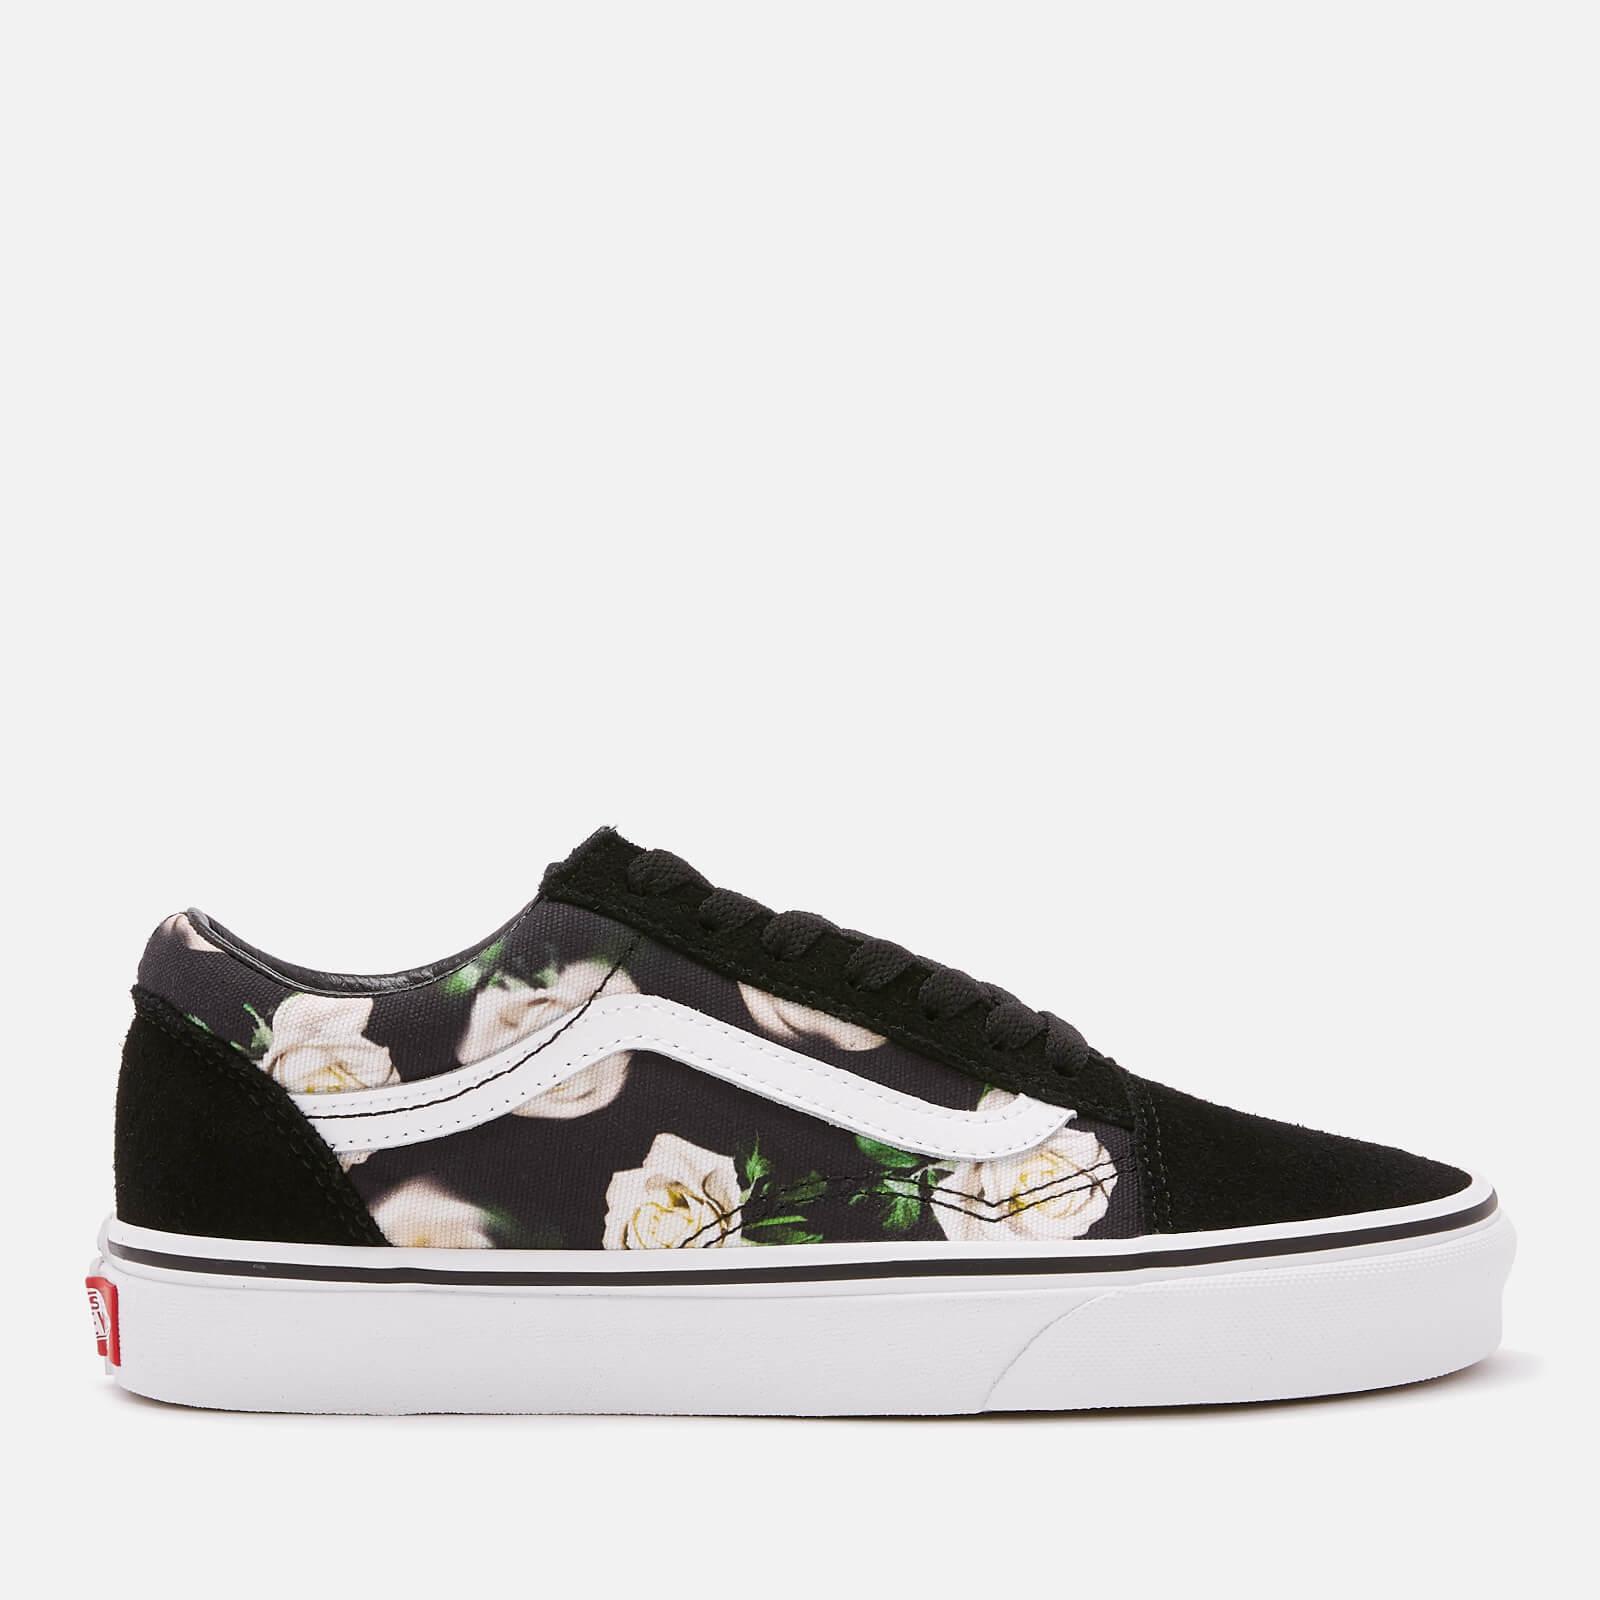 392fe271c3 Vans Women s Romantic Floral Old Skool Trainers - Black True White Womens  Footwear